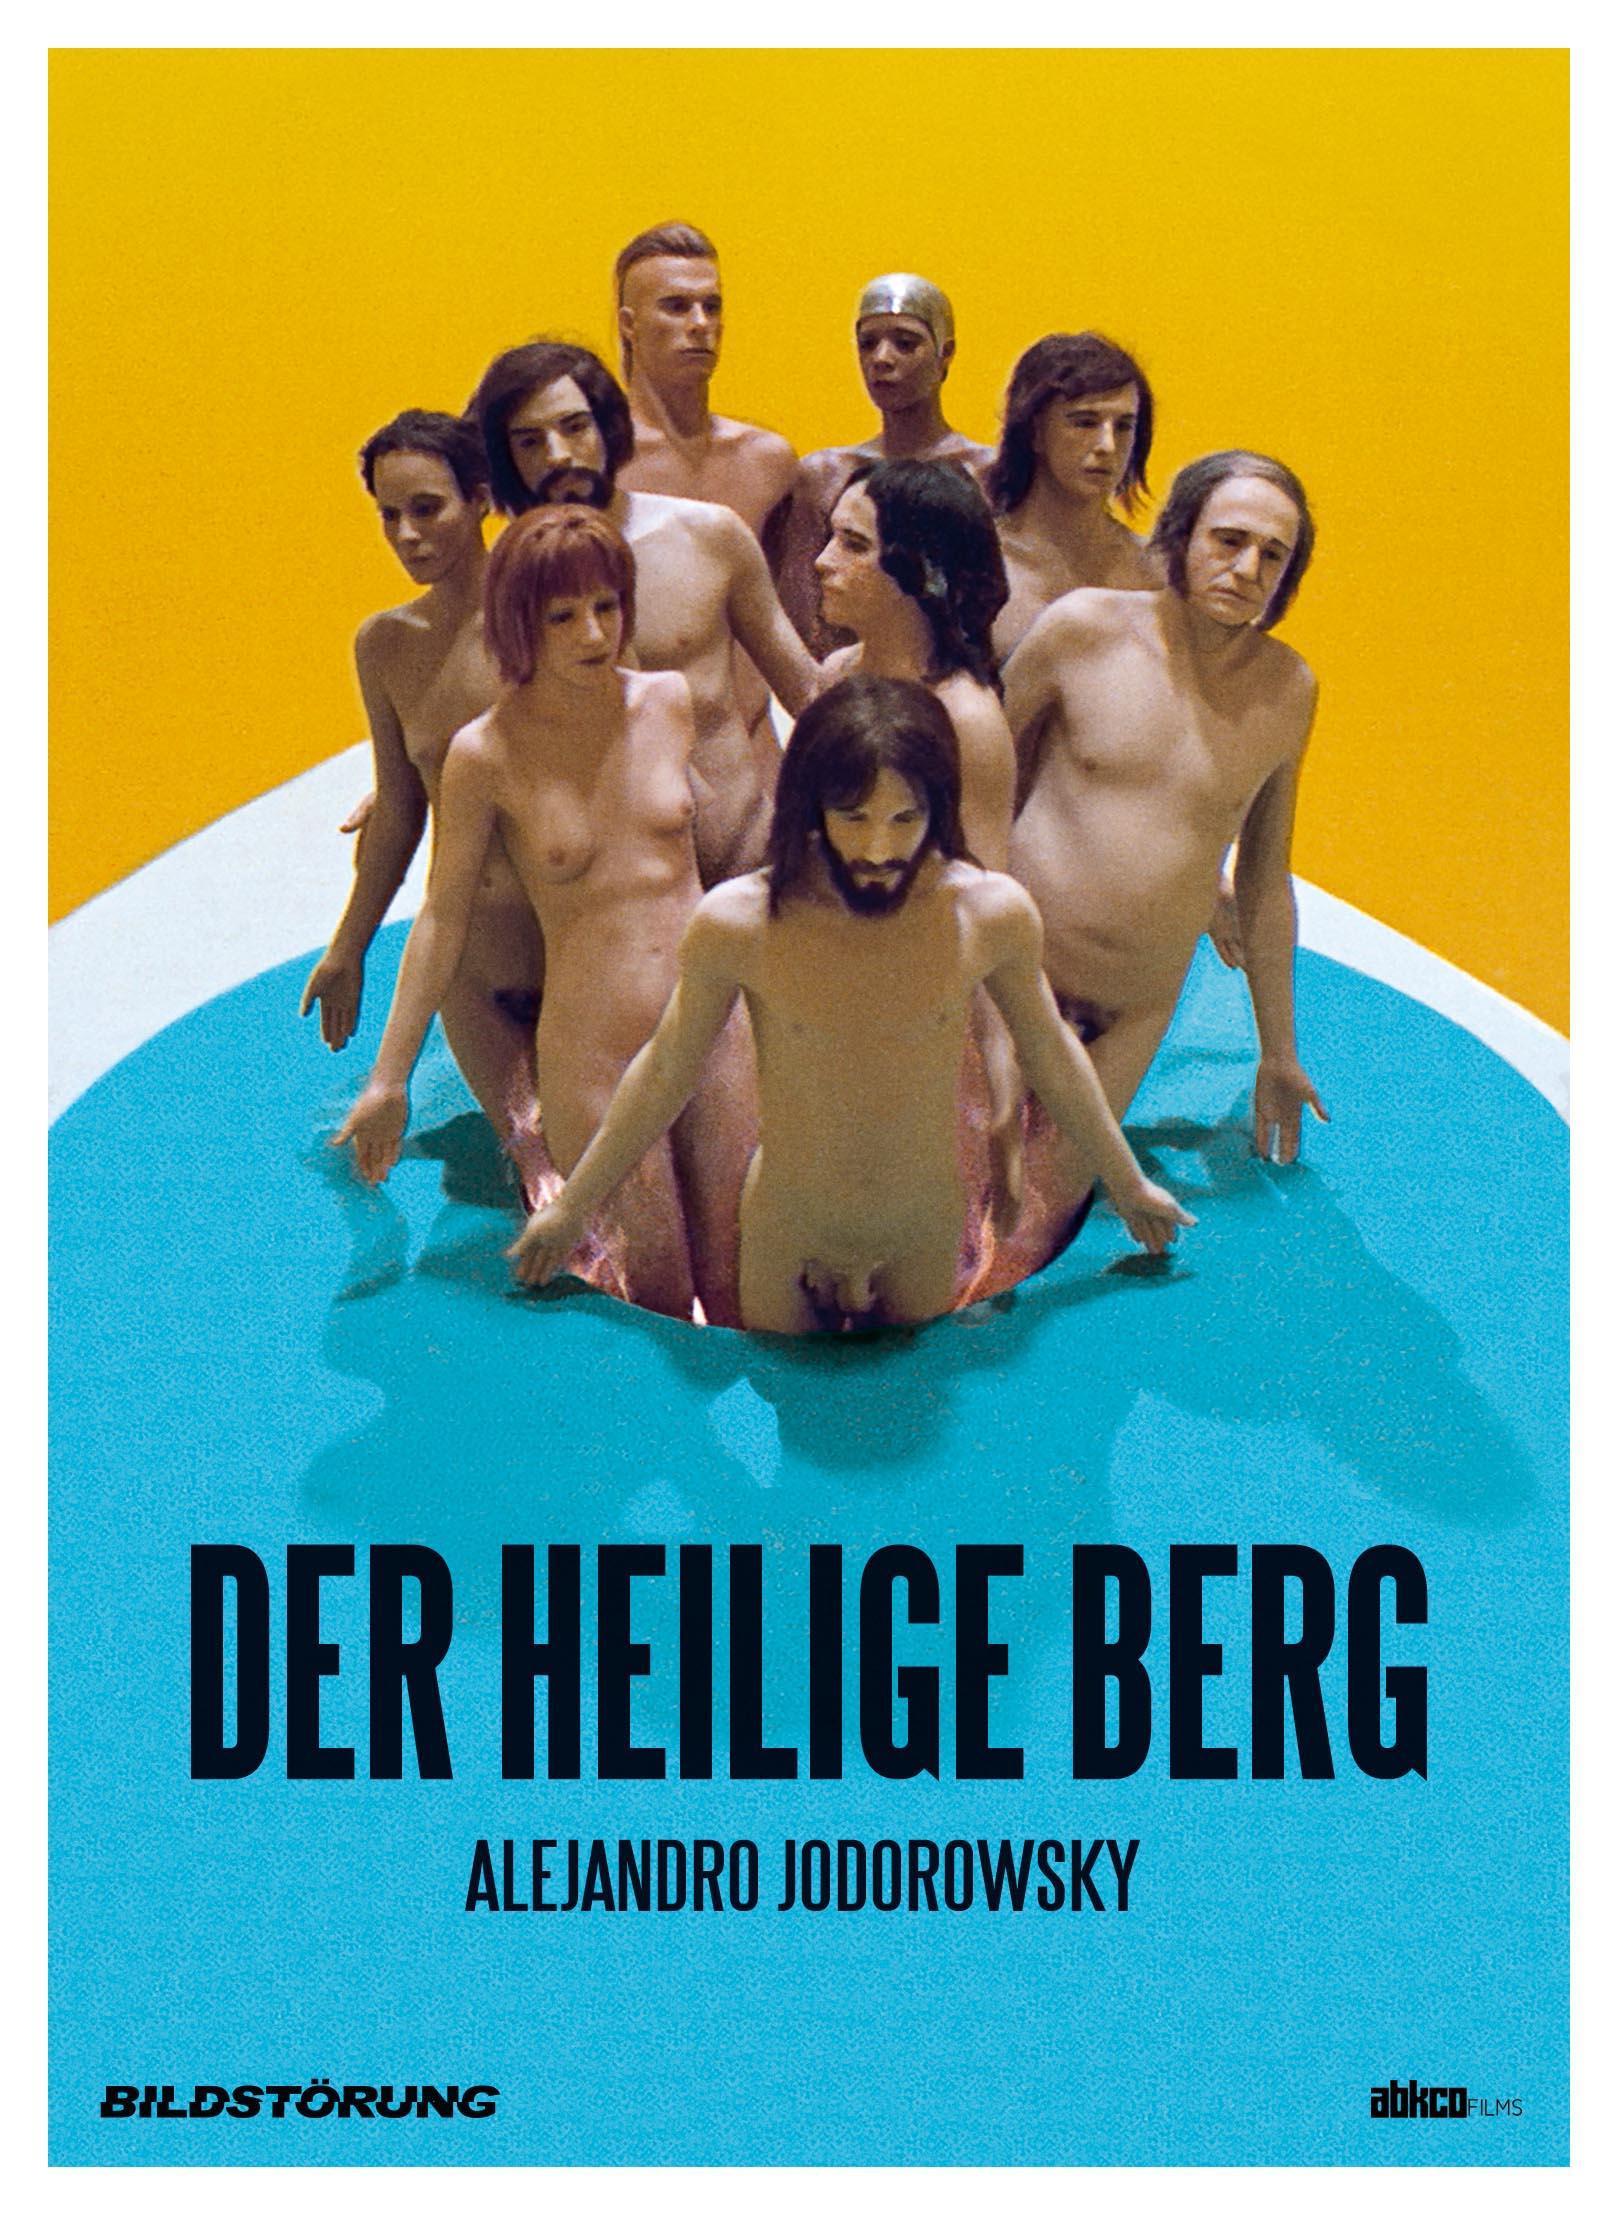 DER HEILIGE BERG Cover